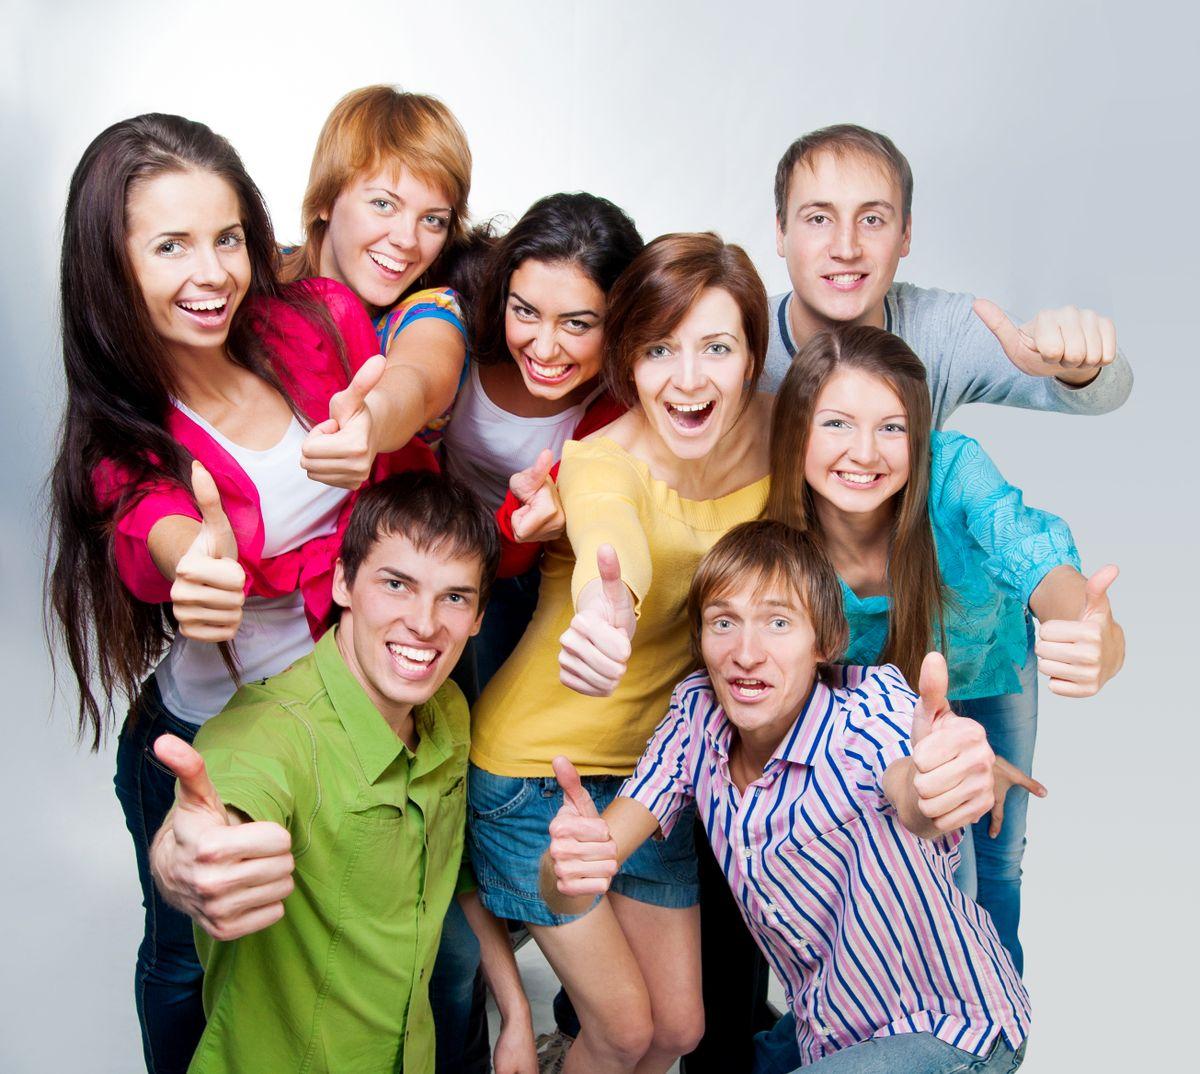 (<a href='http://www.shutterstock.com/pic.mhtml?id=125678438&src=id'>In Green</a> via <a href='http://www.shutterstock.com/'>Shutterstock</a>)